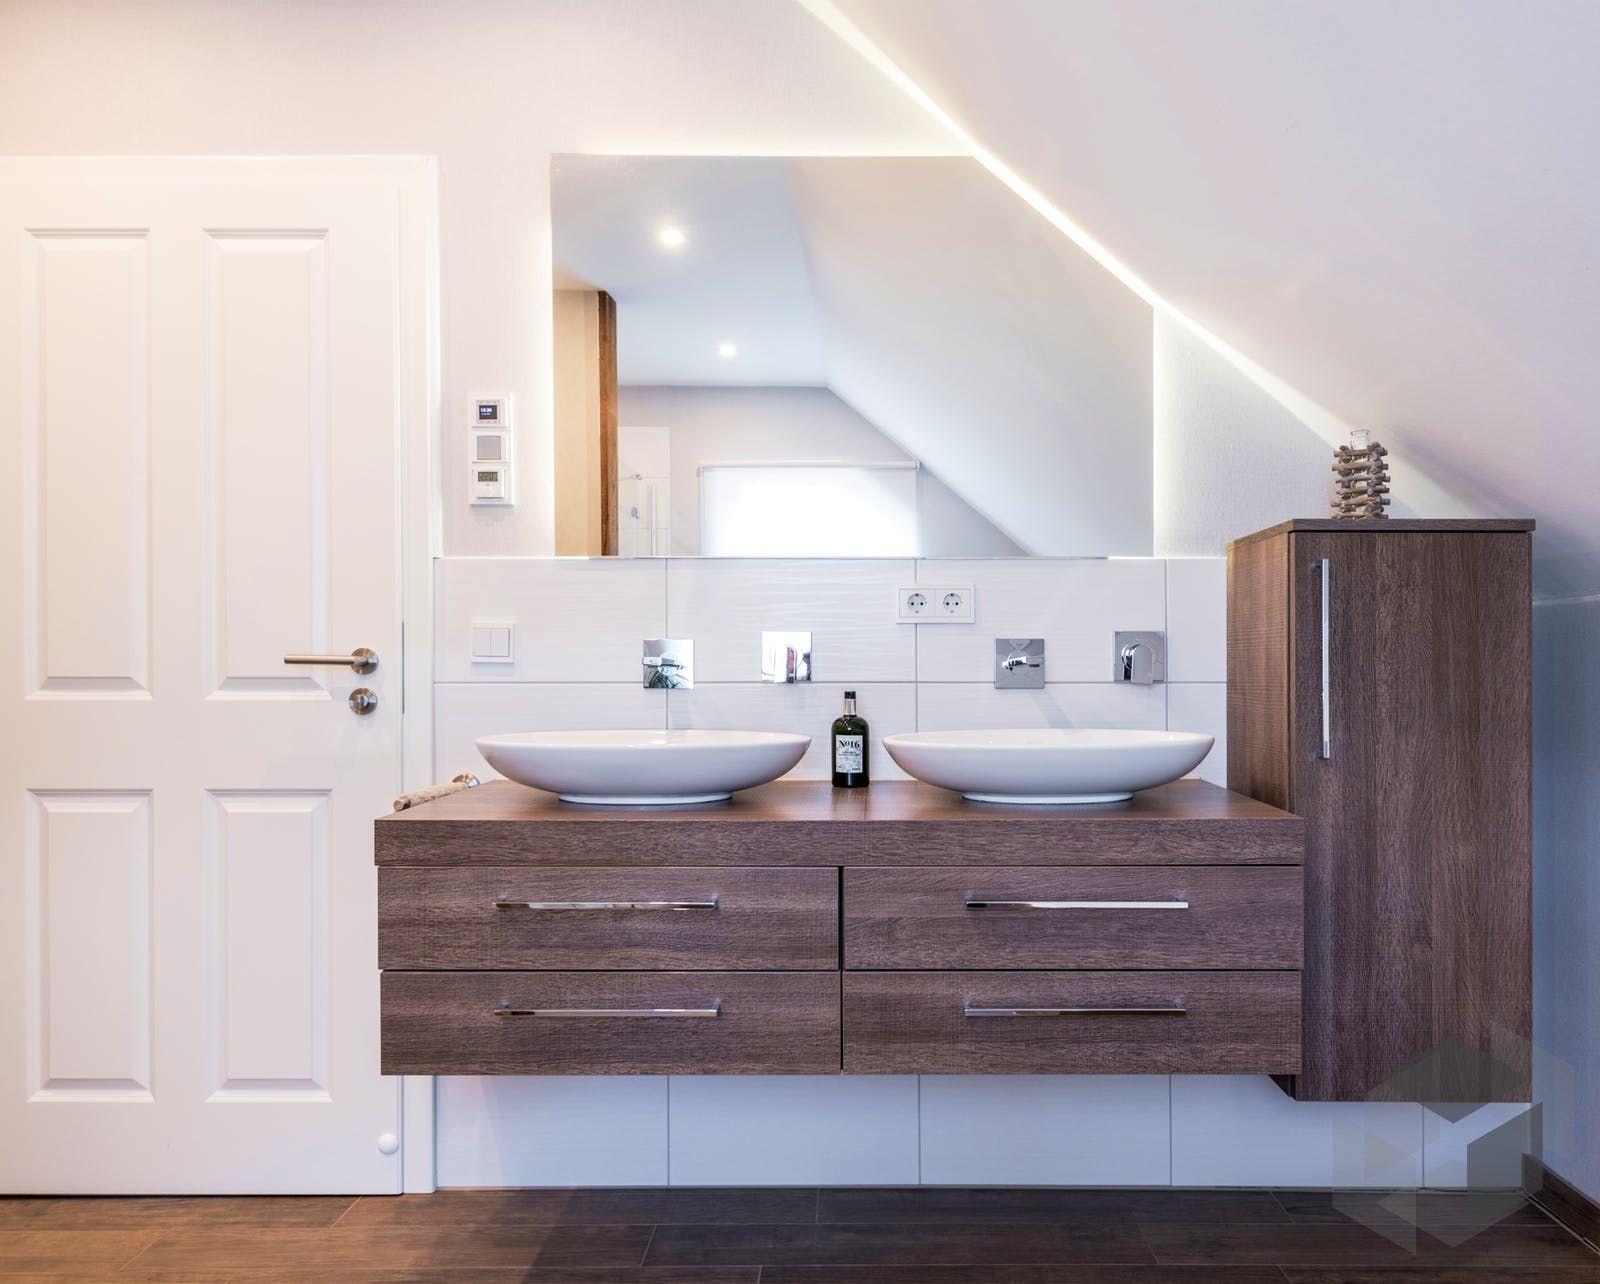 Waschtisch 2 Becken Mit Spiegel Unter Dachschrage In 2020 Fingerhut Haus Fertighauser Planen Und Bauen